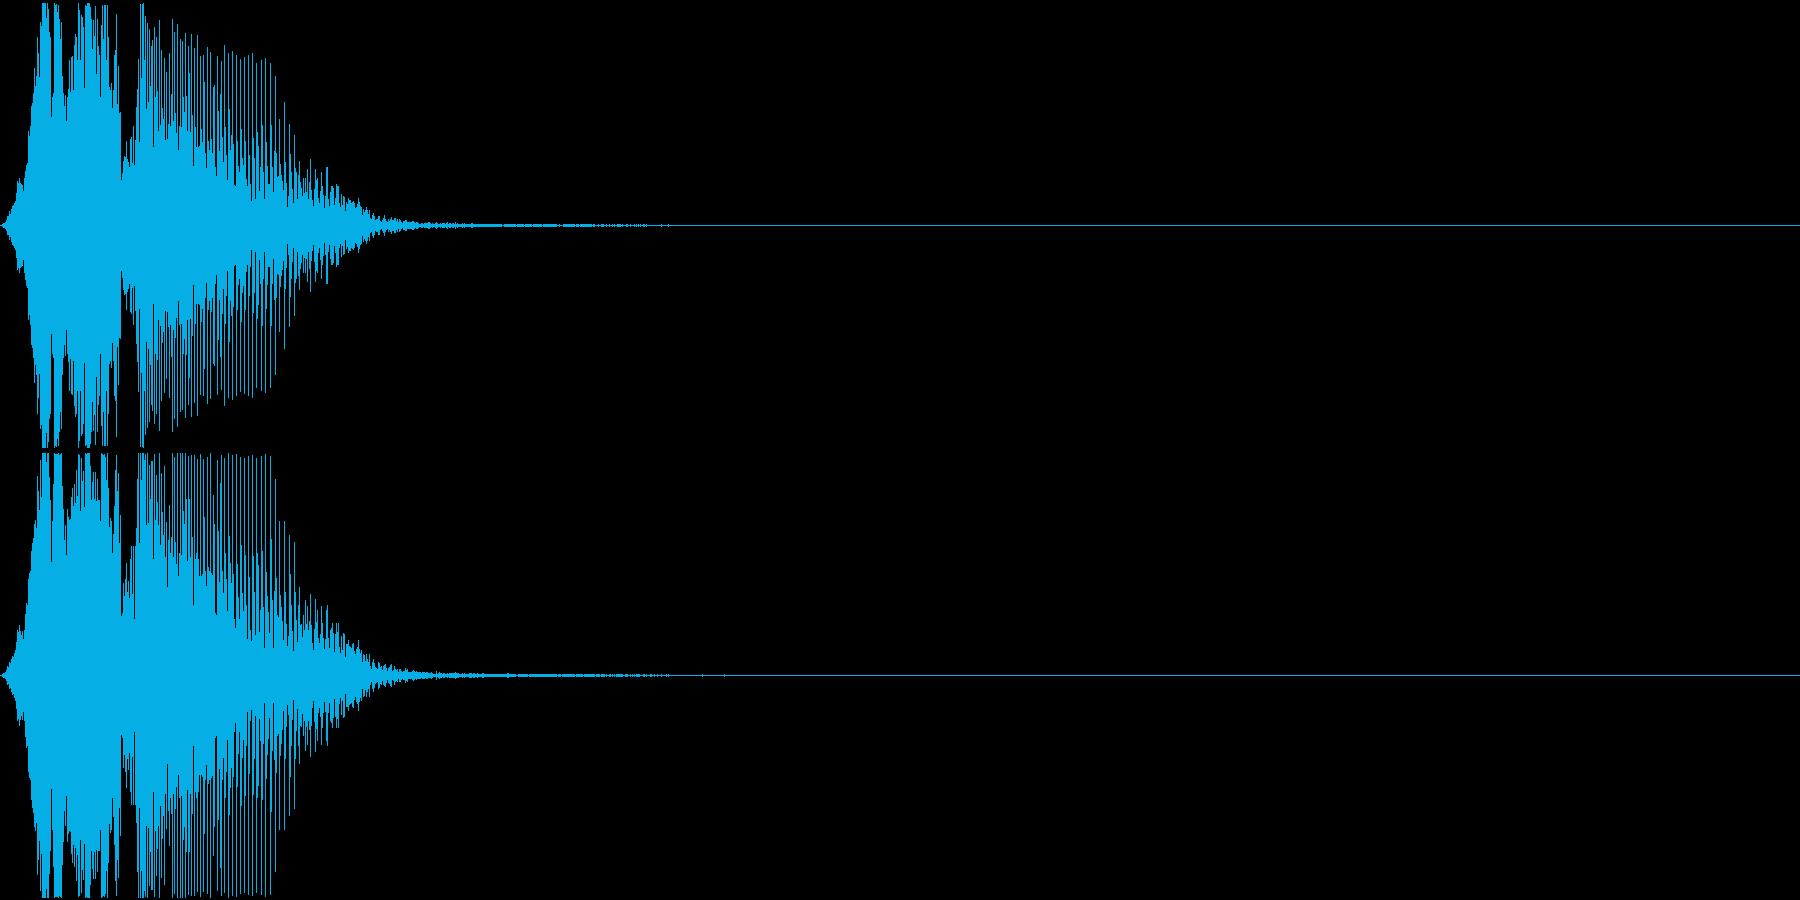 「フィーバー」アプリ・ゲーム用の再生済みの波形